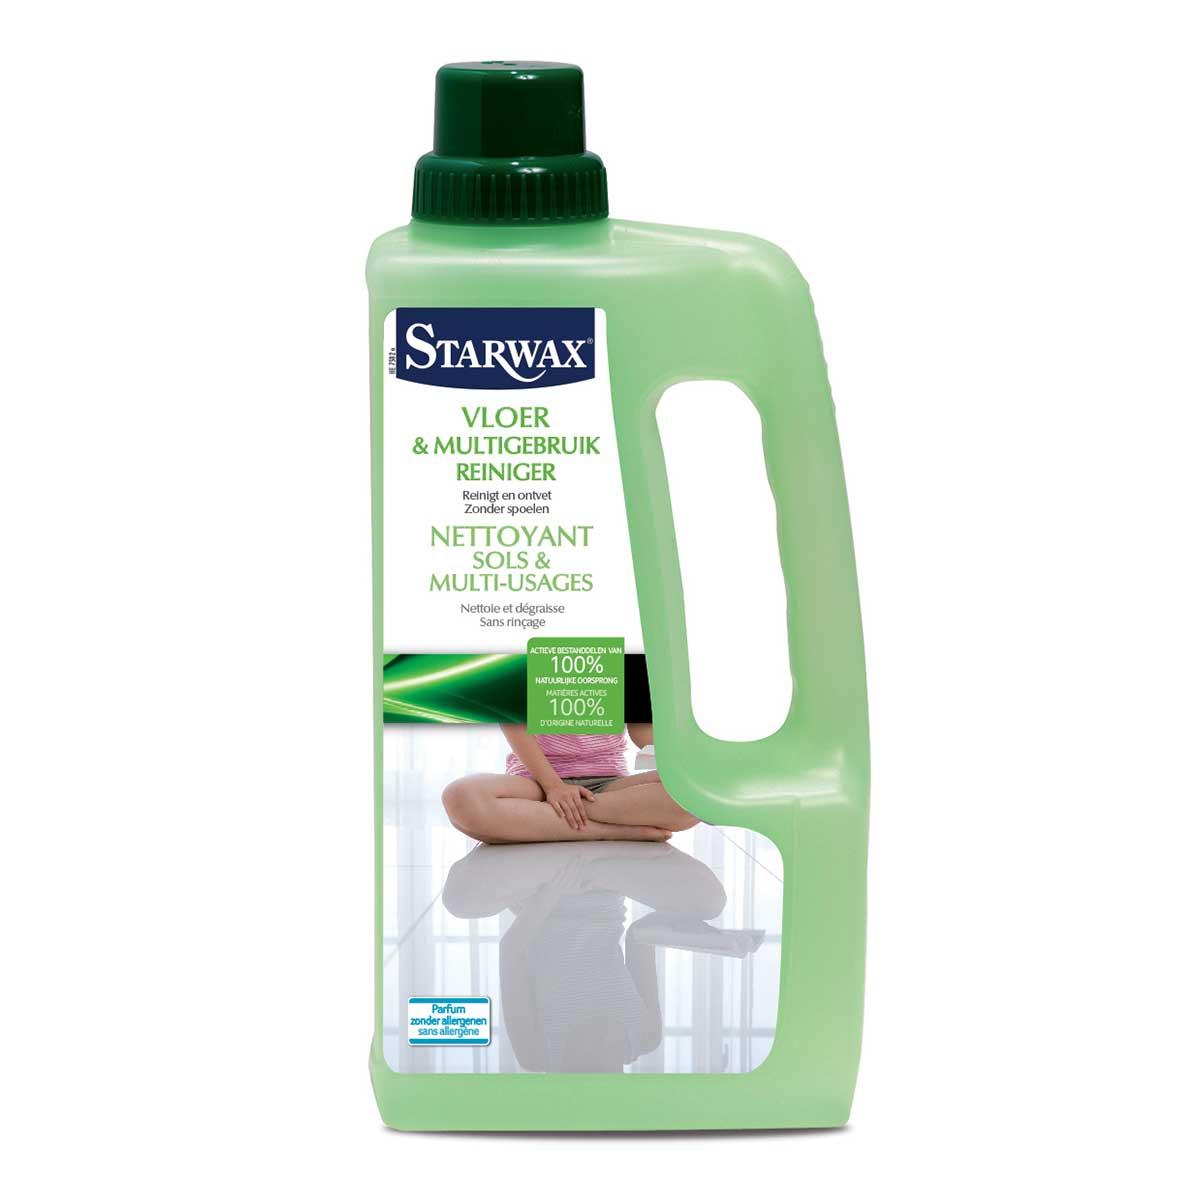 Nettoyant sols et multi-usages avec matières actives 100% d'origine naturelle - Starwax